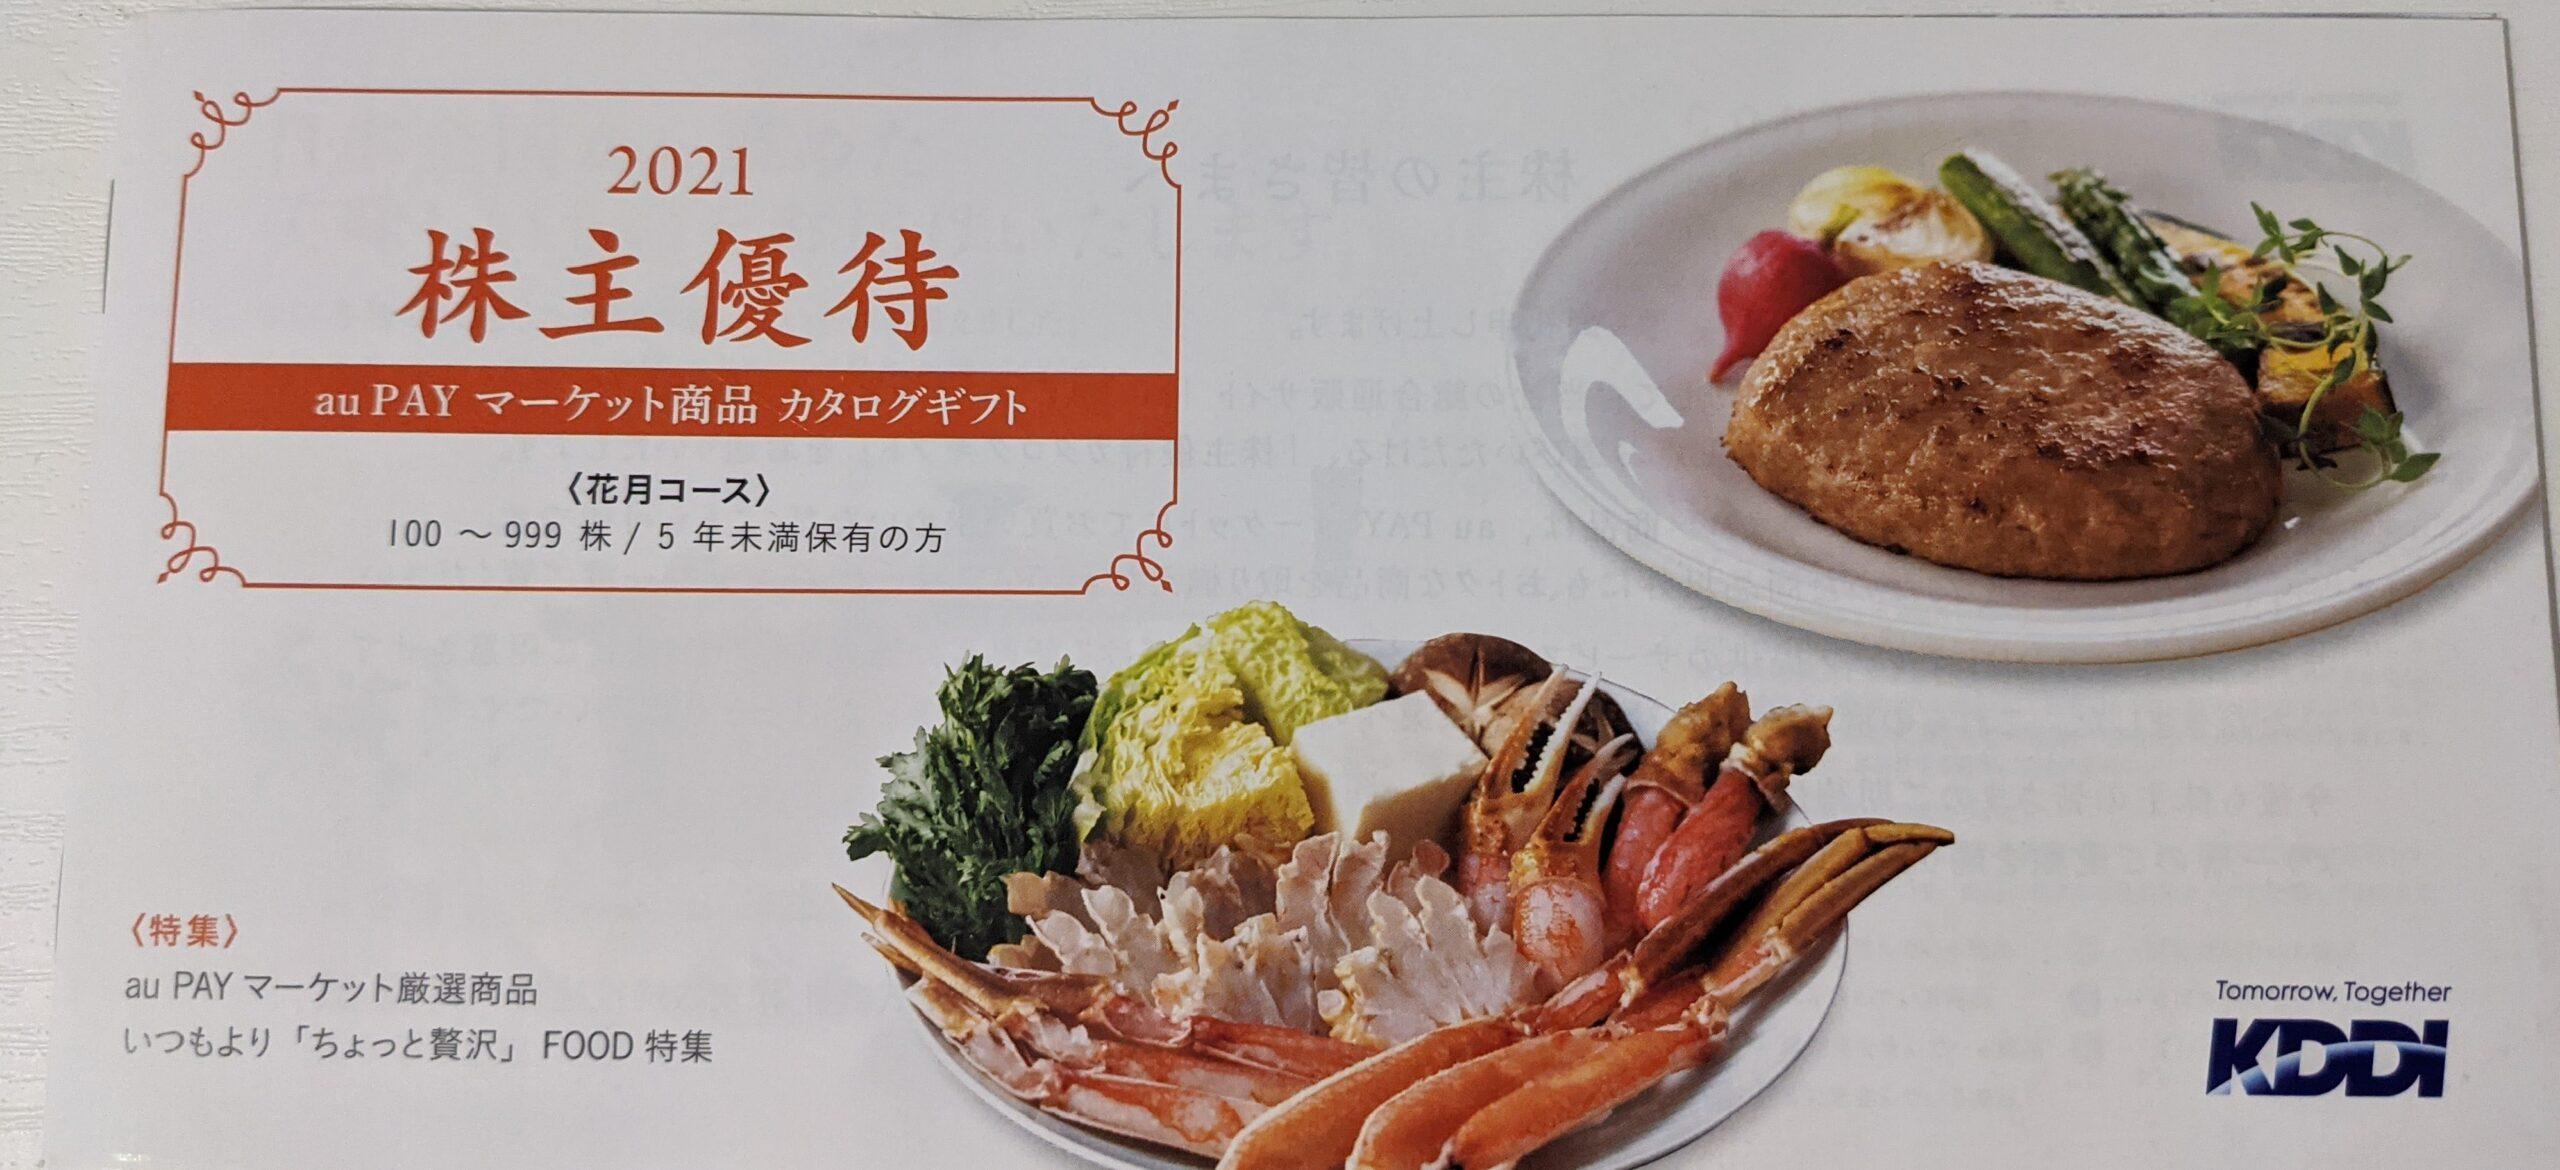 KDDI 株主優待 カタログ